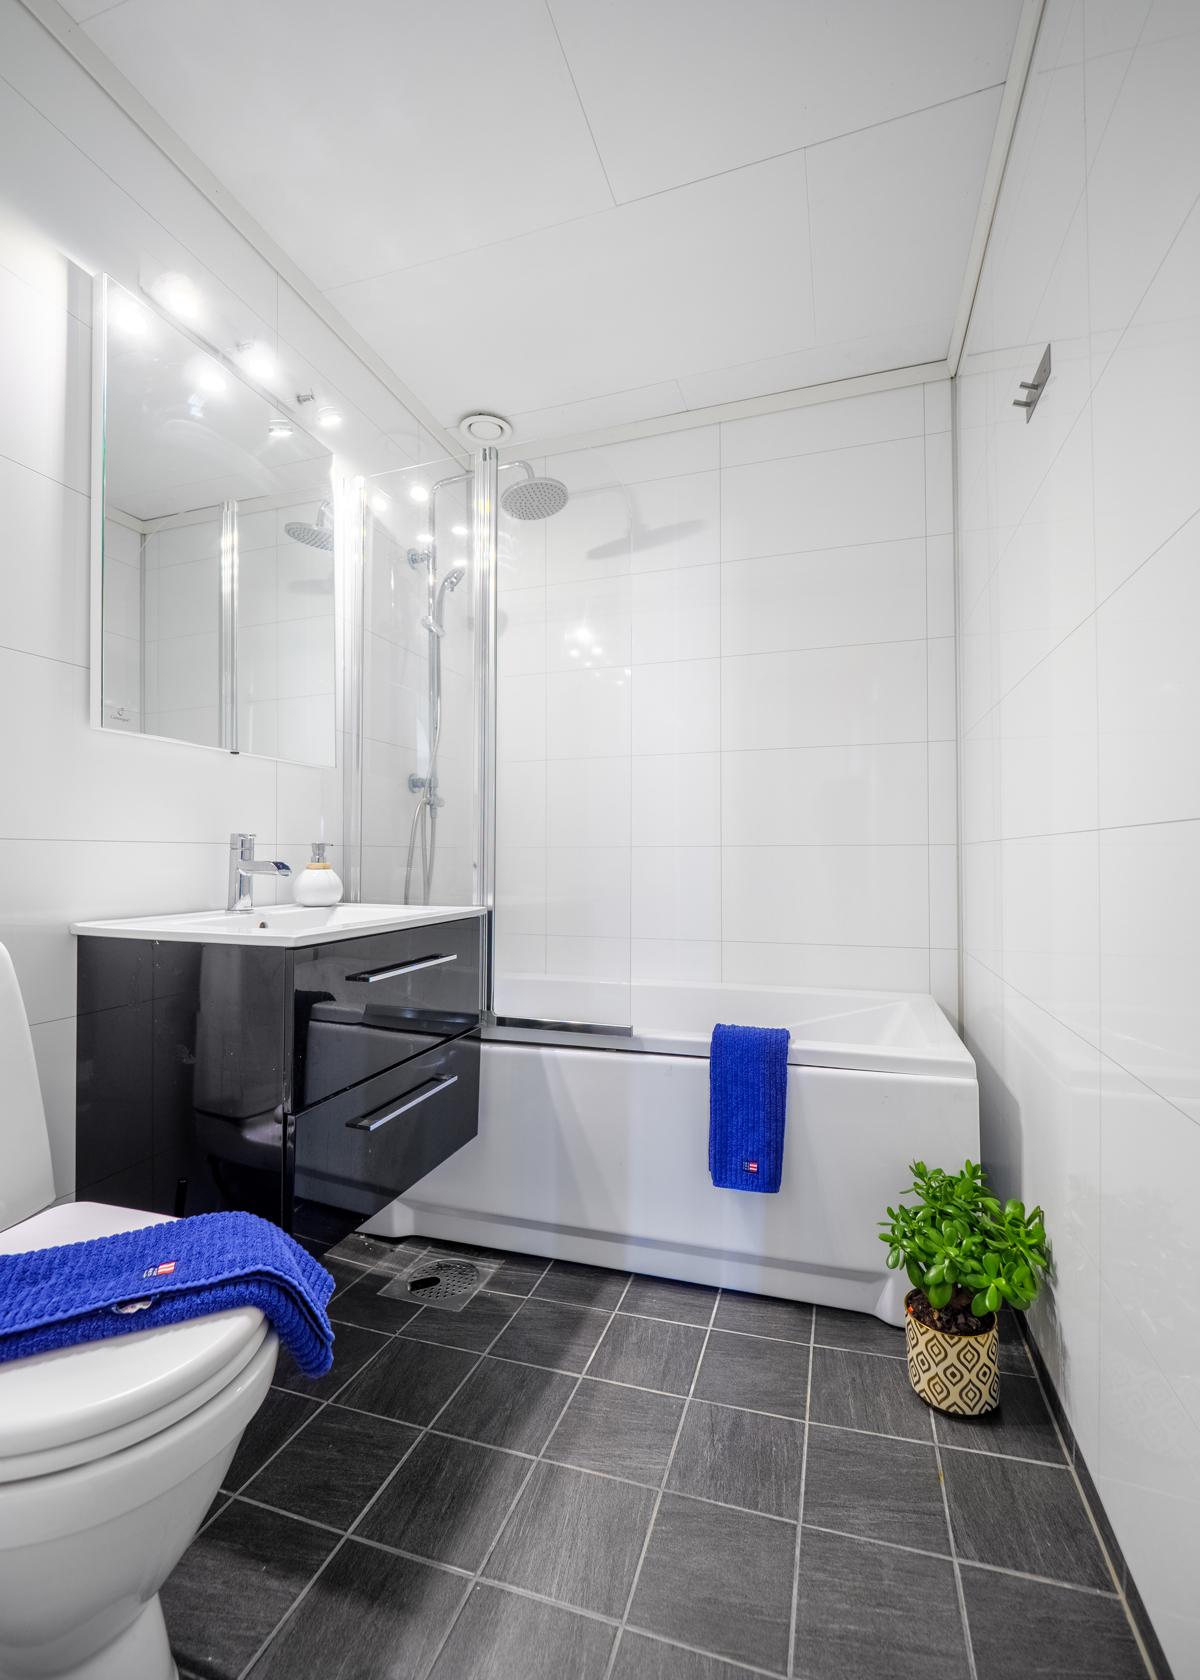 Bad med wc badekar med dusjløsning og servantinnredning